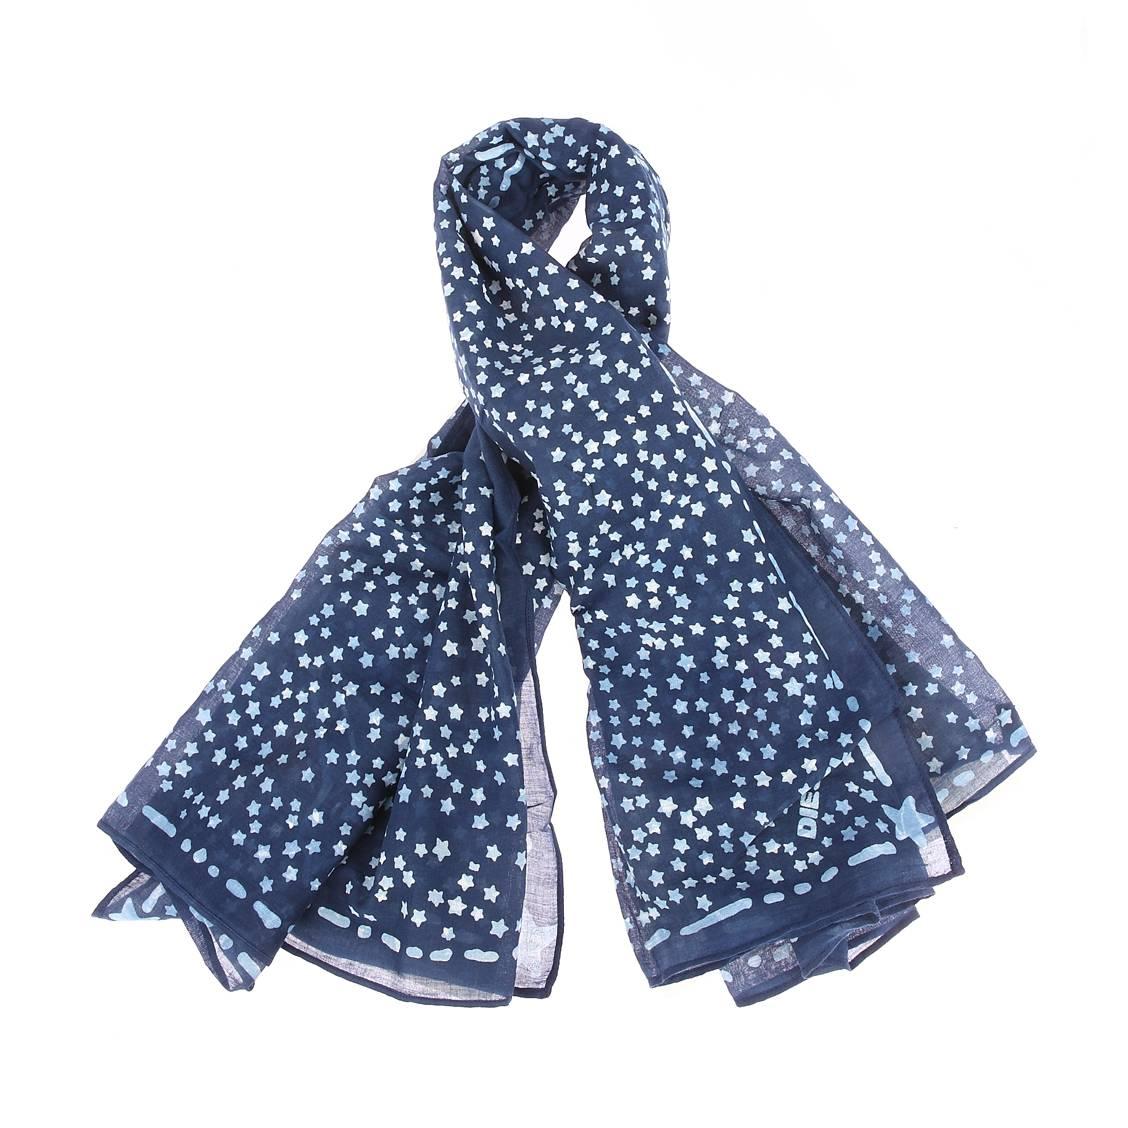 Chèche  bleu marine à imprimés étoiles